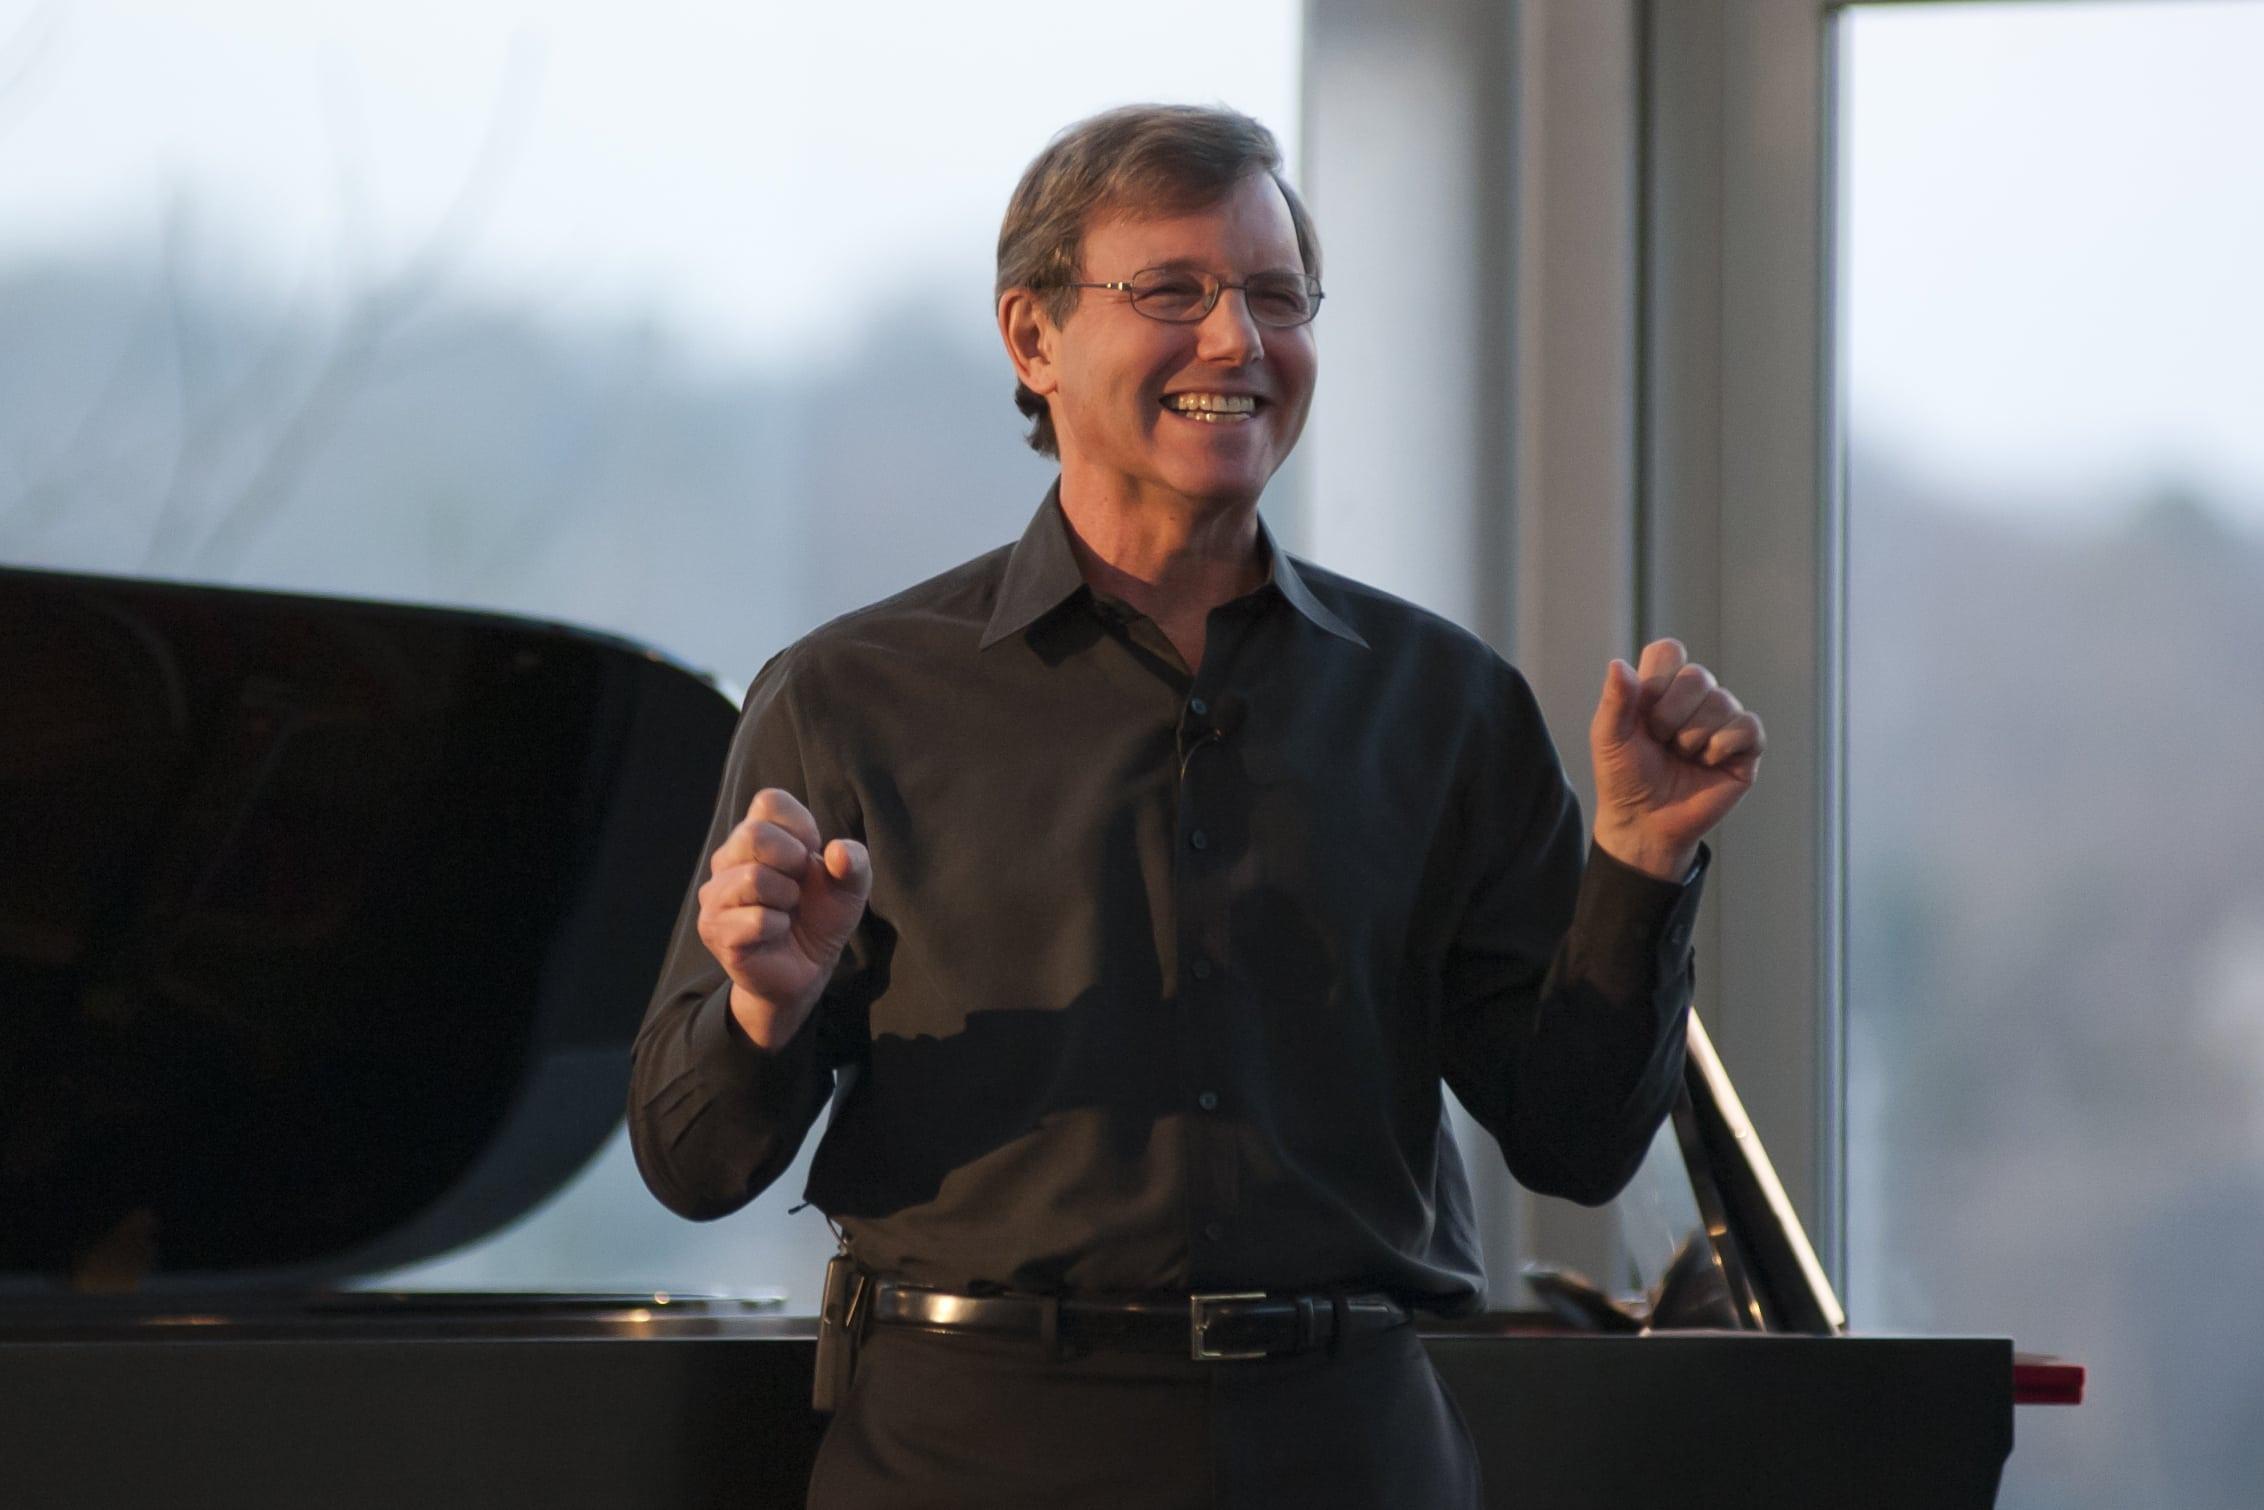 Rob Kapilow. Photo courtesy of the artist.